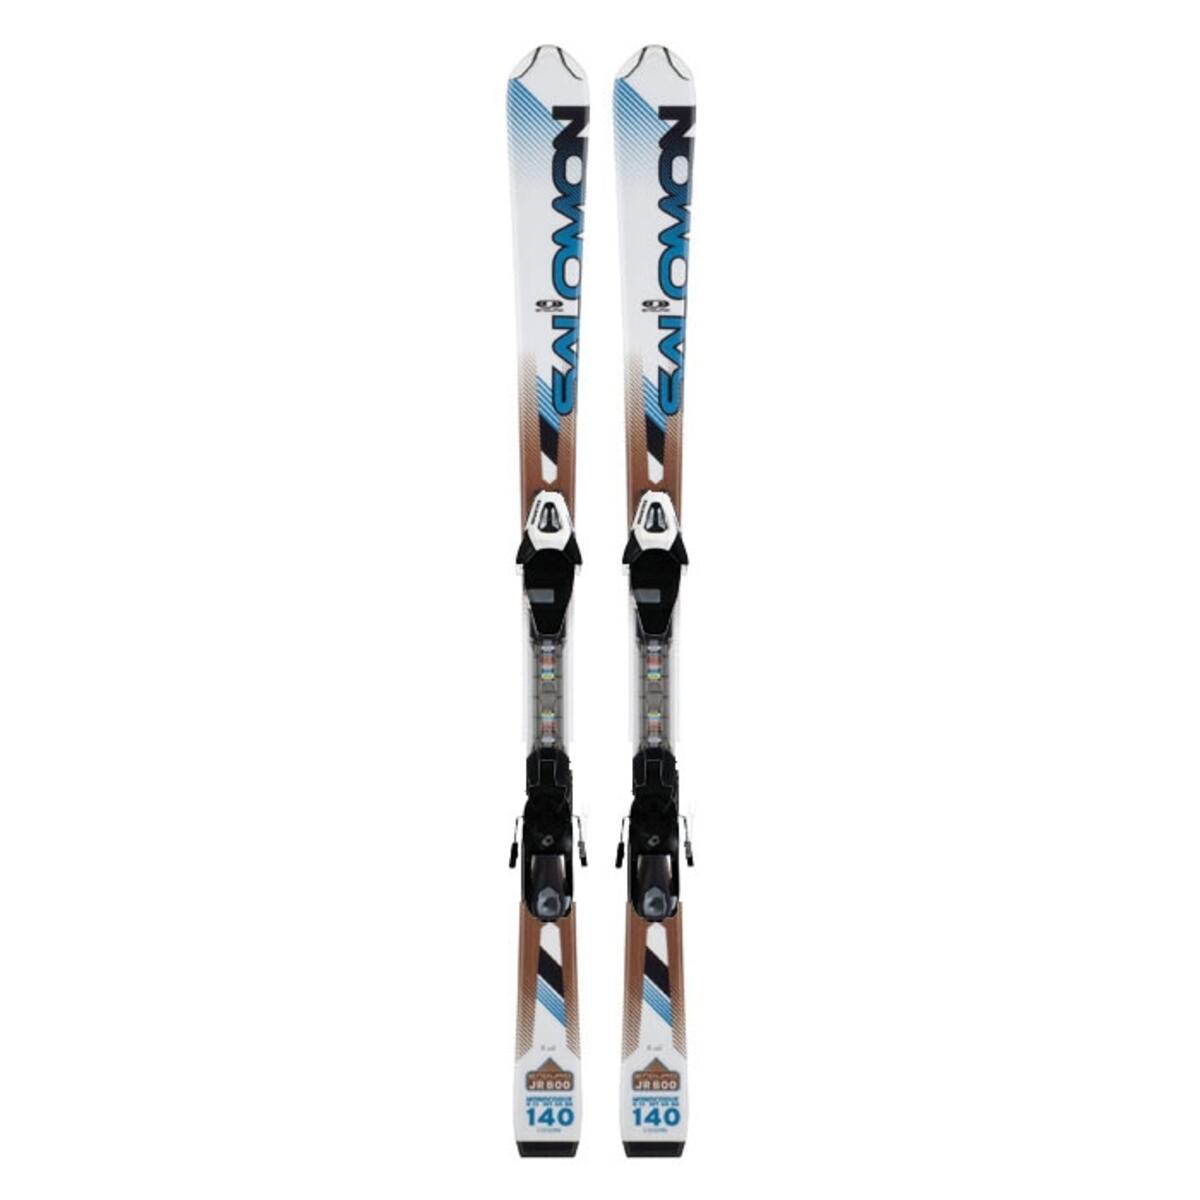 Salomon Youth Enduro Jr 800 Skis With C5 SC Bindings '12